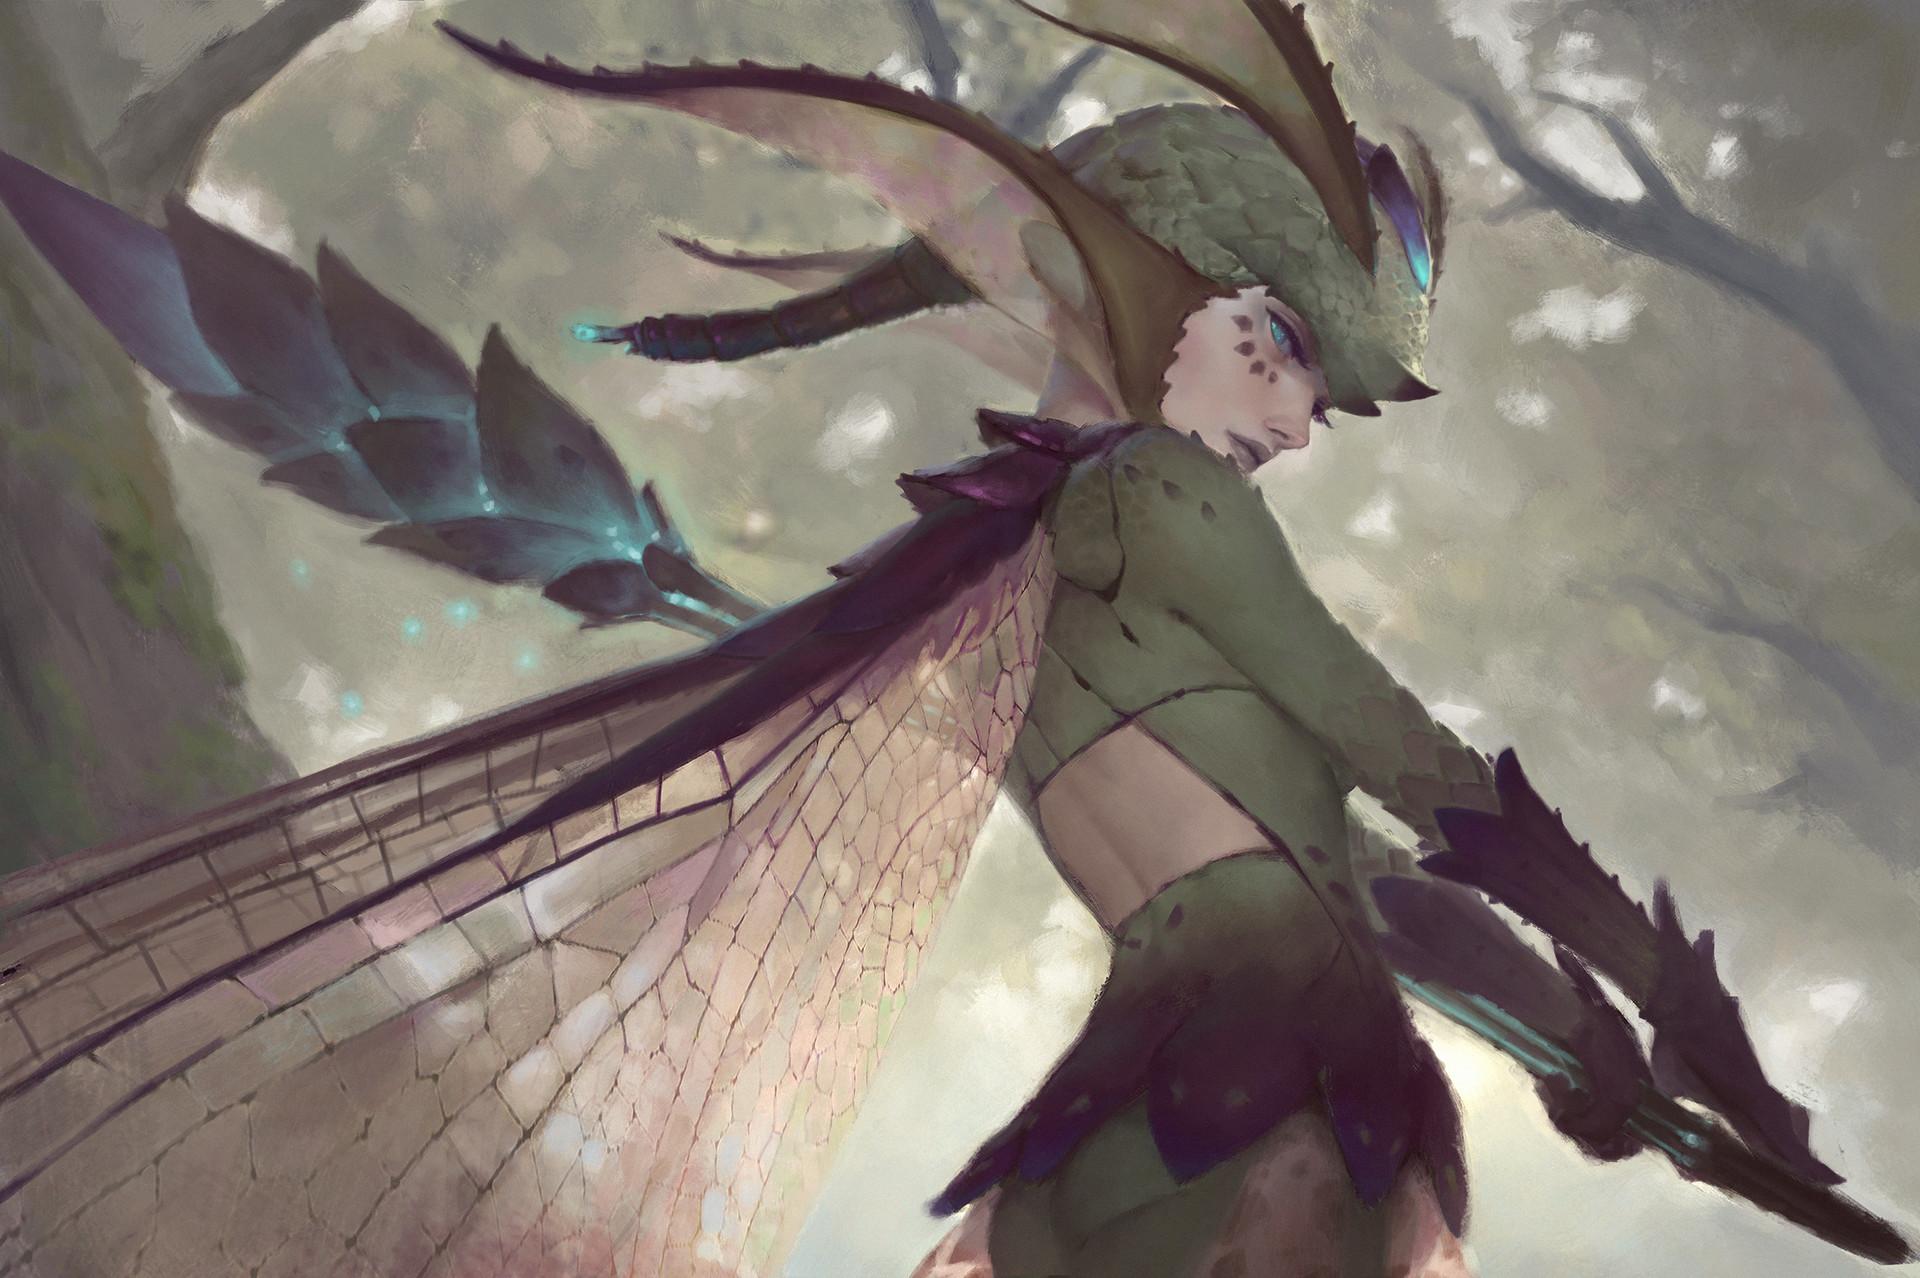 ArtStation - Dragonfly, Nick Gan